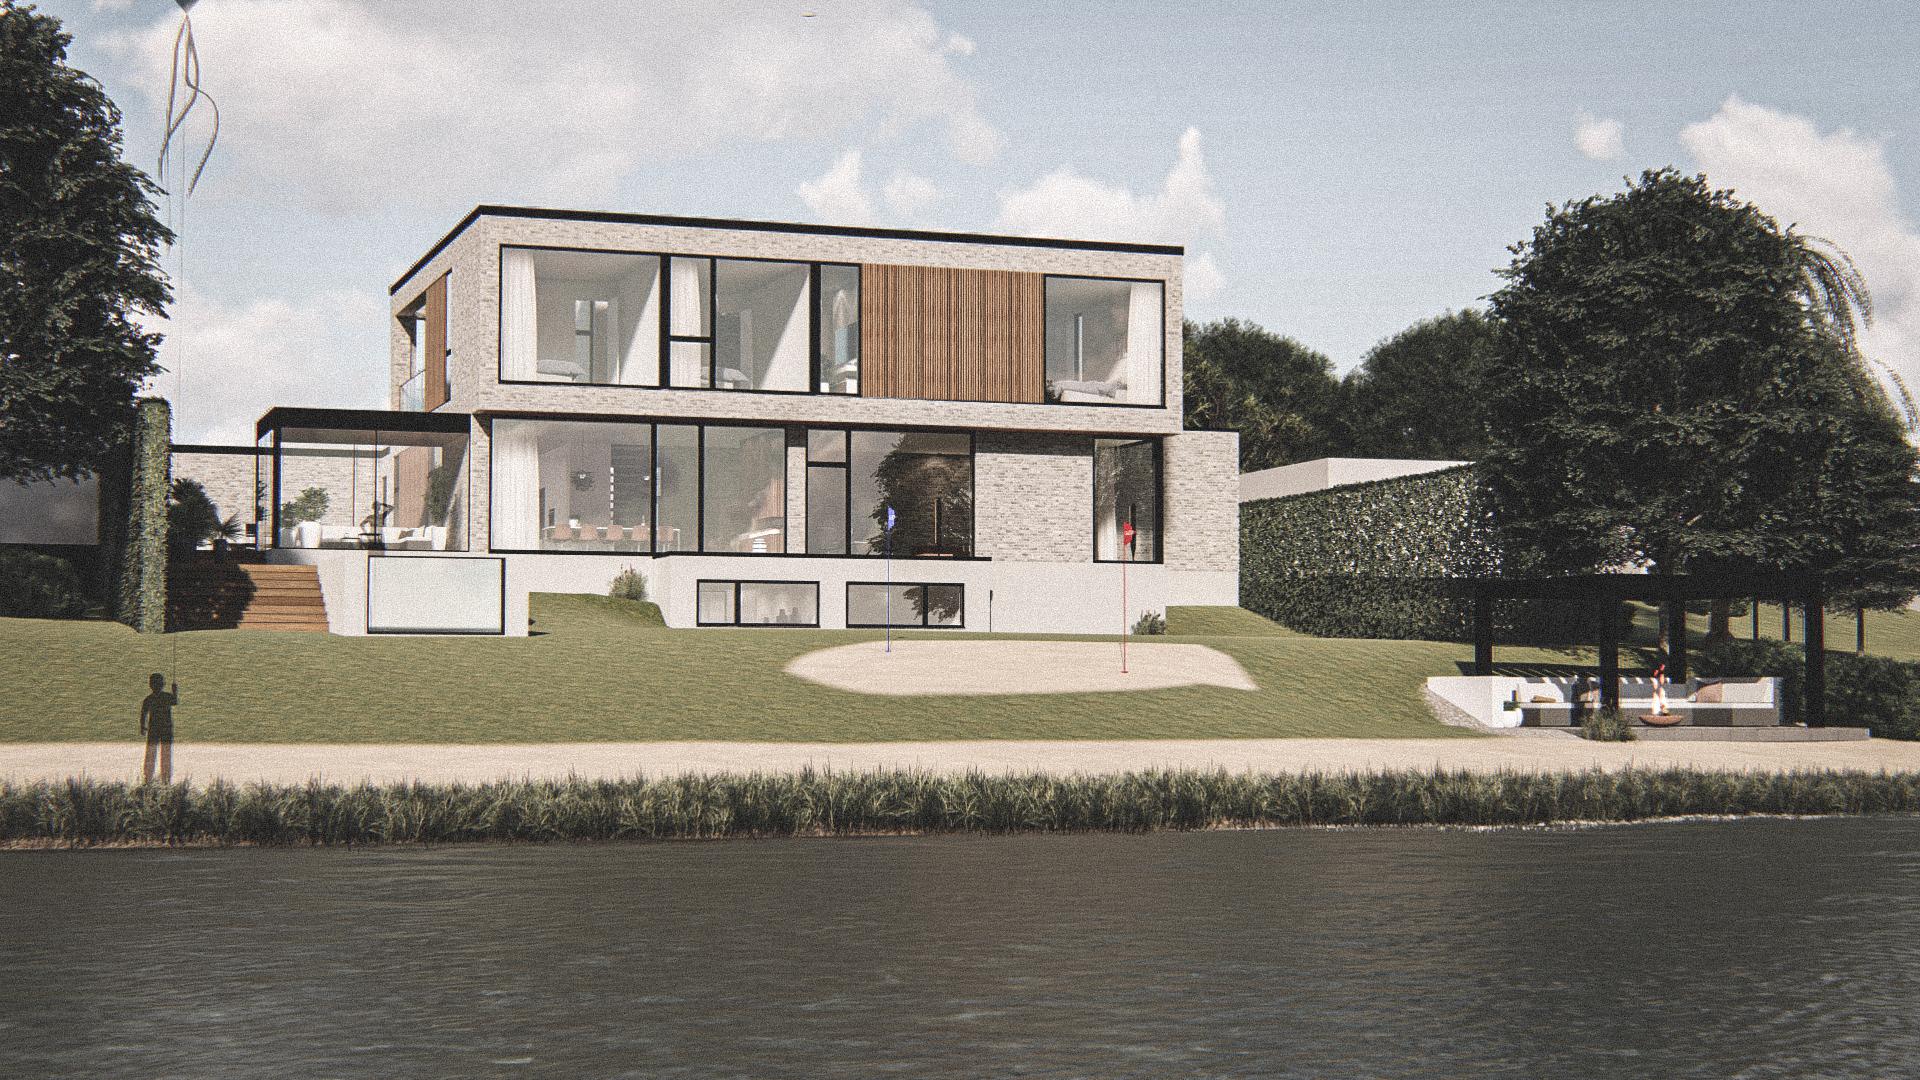 Billede af Dansk arkitekttegnet 3 plan villa af arkitektfirmaet m2plus, i Rungsted kyst på 422 kvartratmeter.